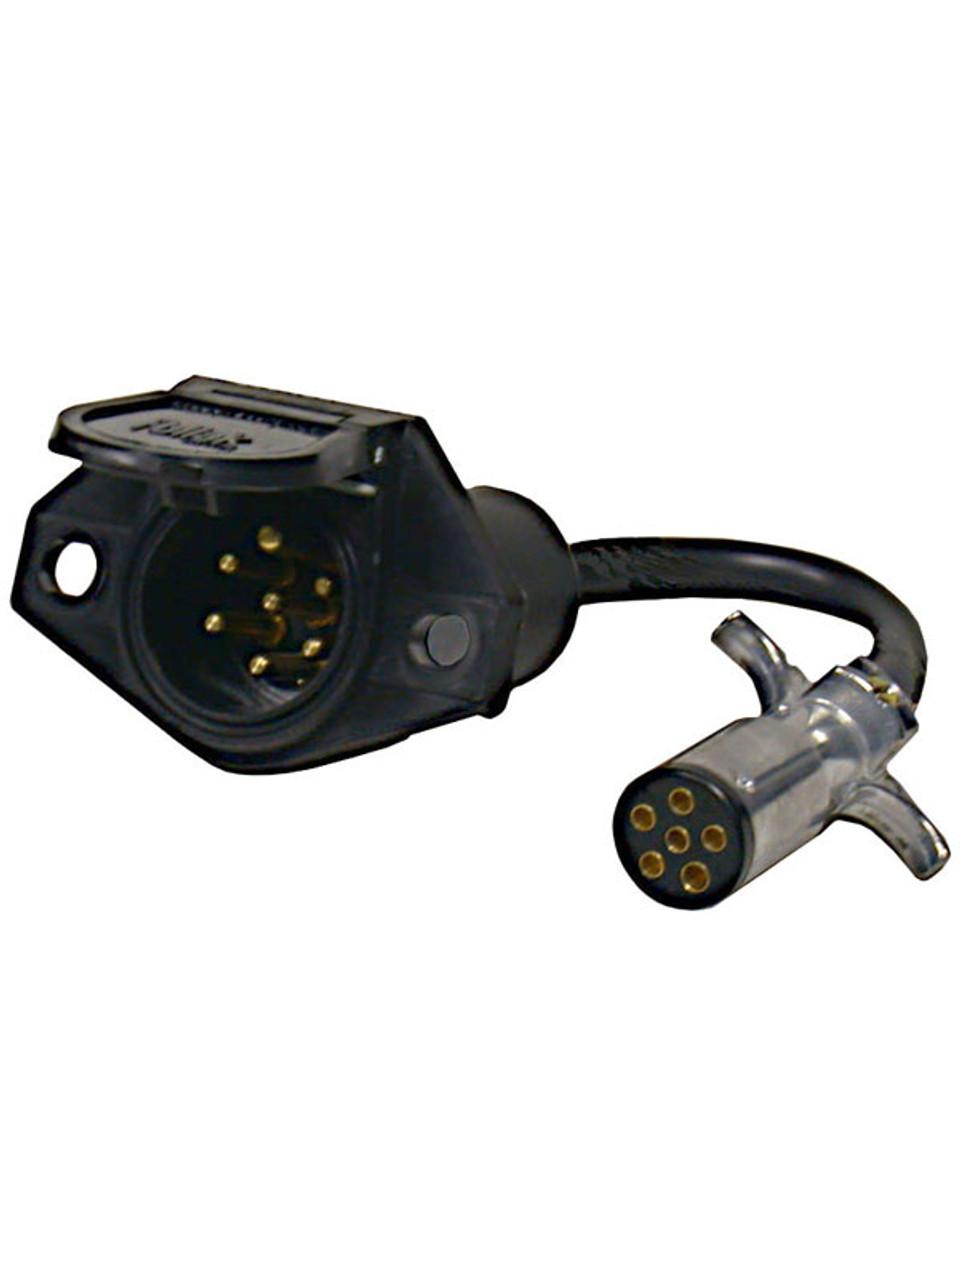 603PW/87S --- 6-Way Round to 7-Way Round Pin Adapter